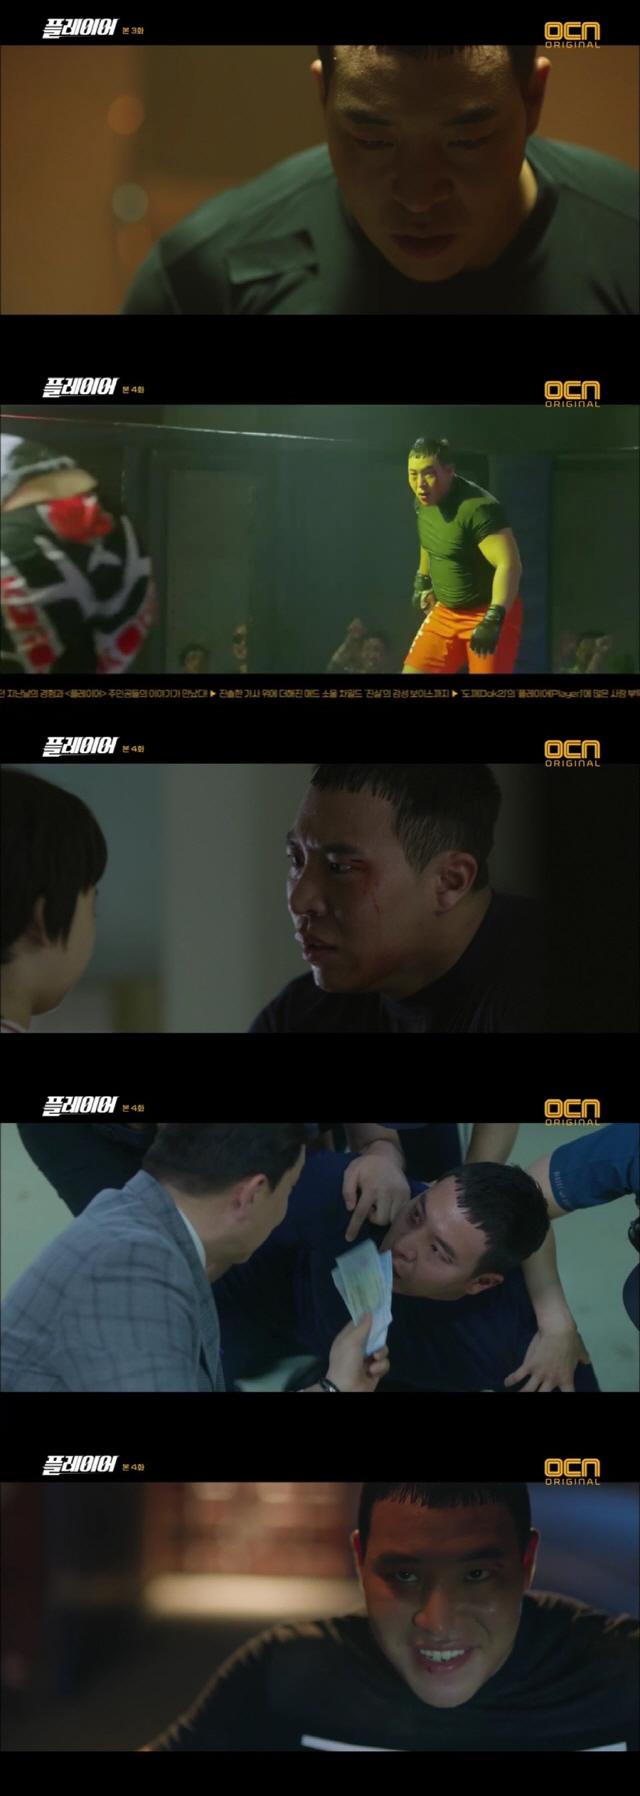 '플레이어' 태원석, 송승헌과 한층 돈독해진 우정.. 맨몸 액션+감동까지 다 잡았다